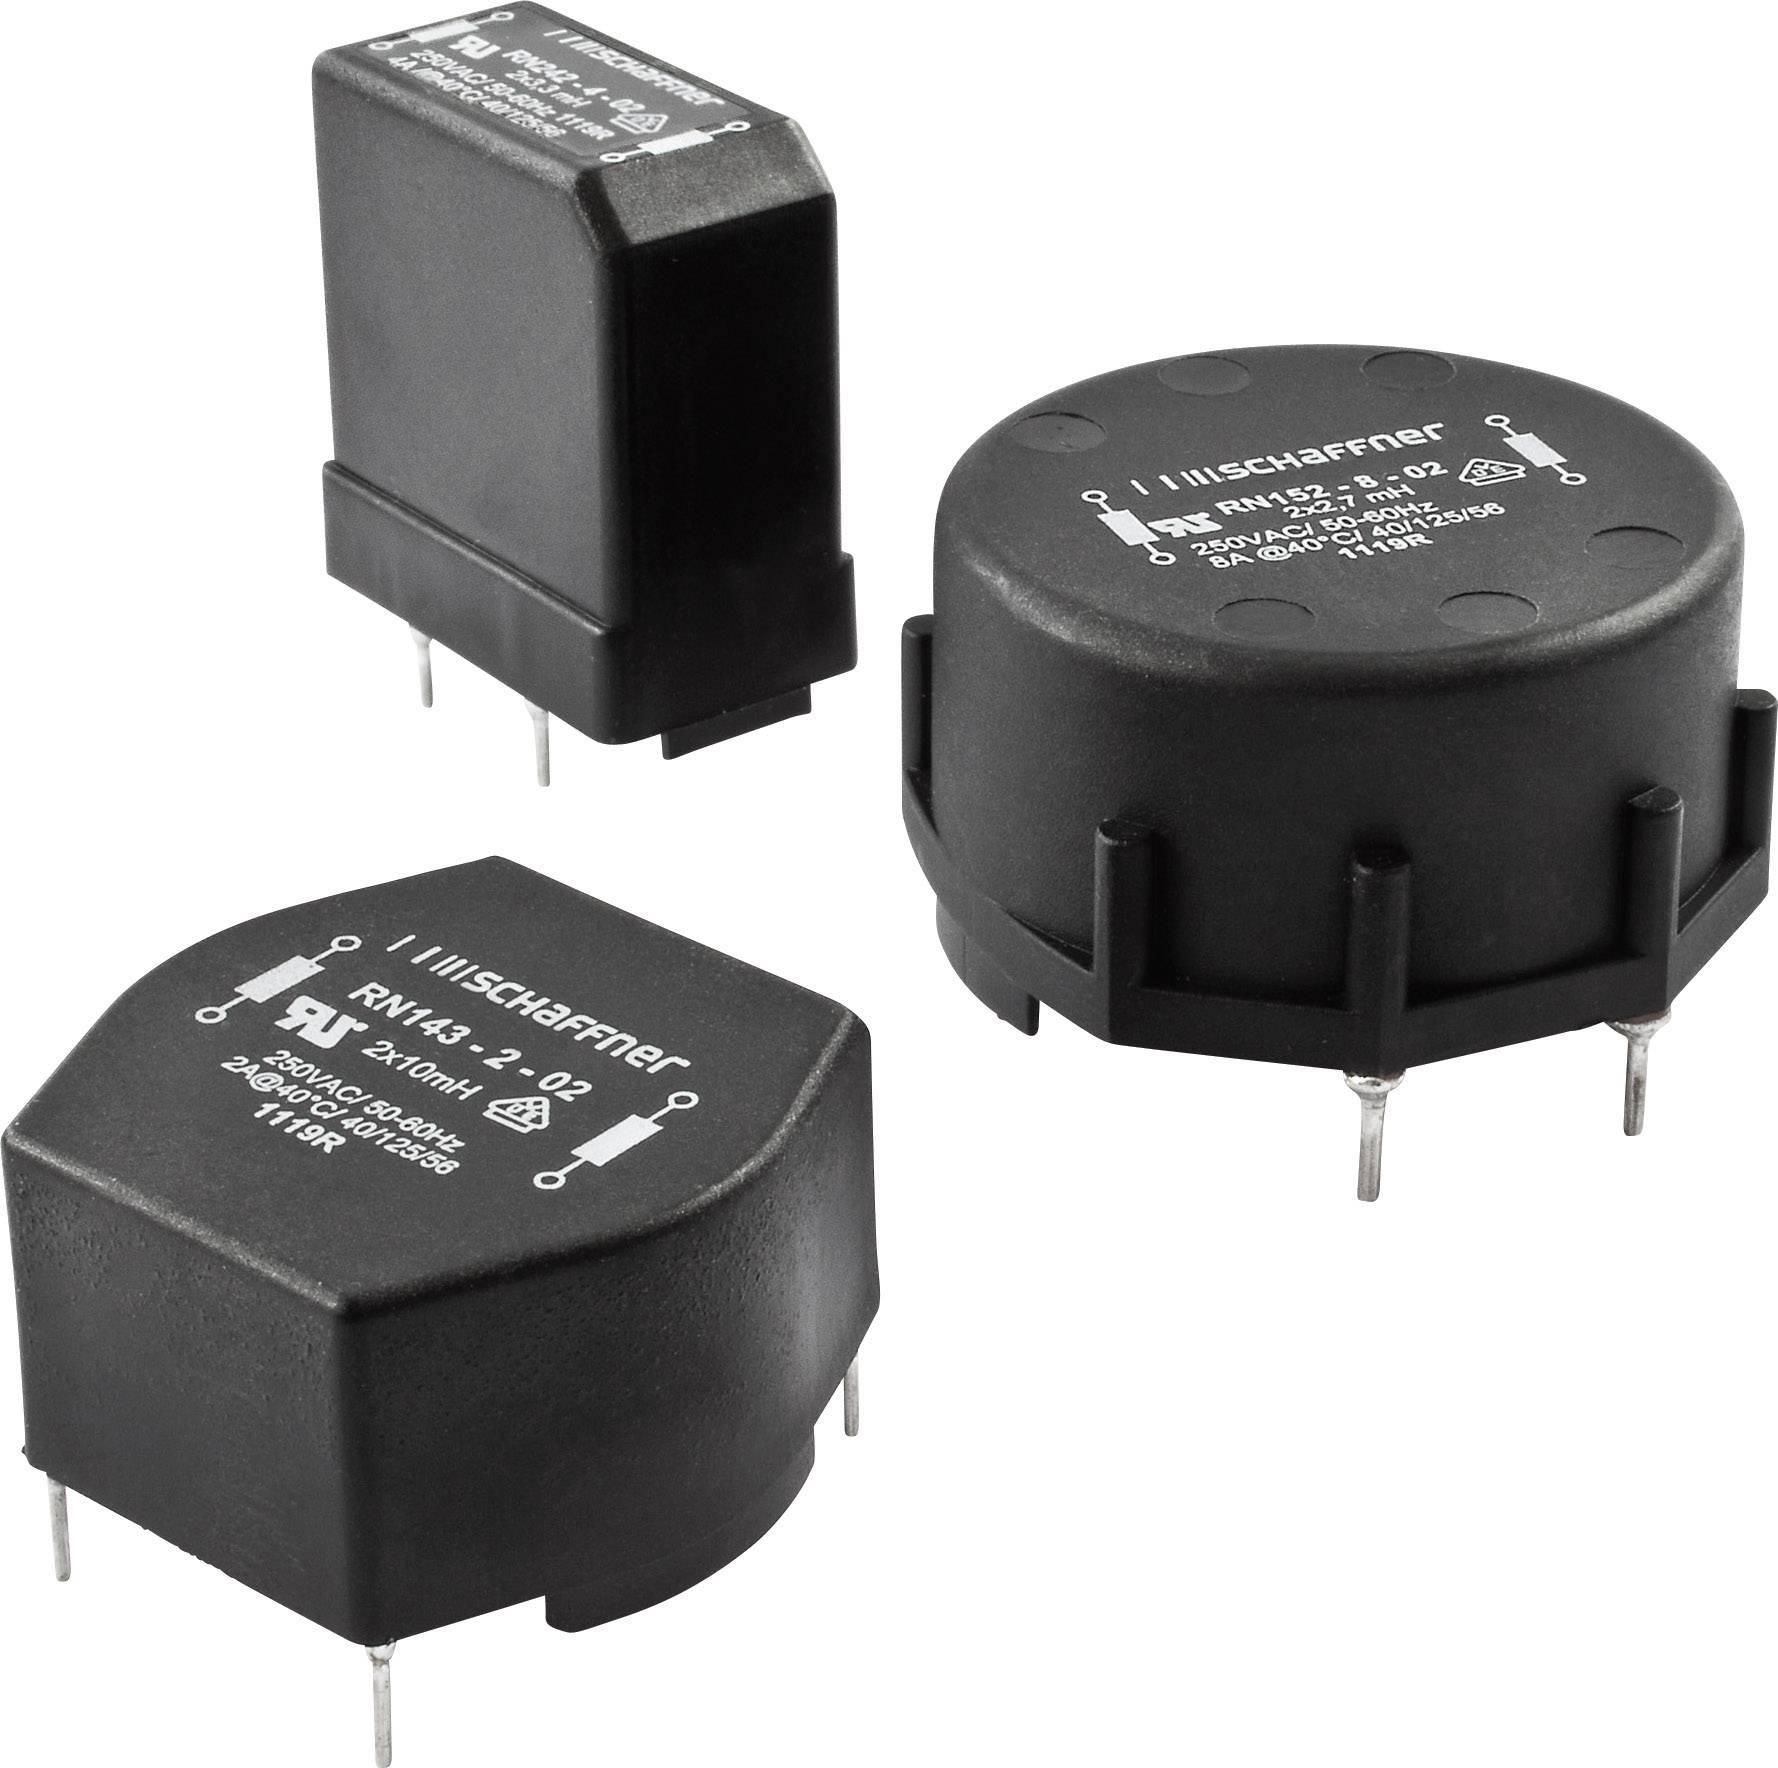 Odrušovací filter Schaffner RN152-10-02 RN152-10-02, 250 V/AC, 10 A, 1.8 mH, (d x š x v) 41.8 x 43 x 25 mm, 1 ks